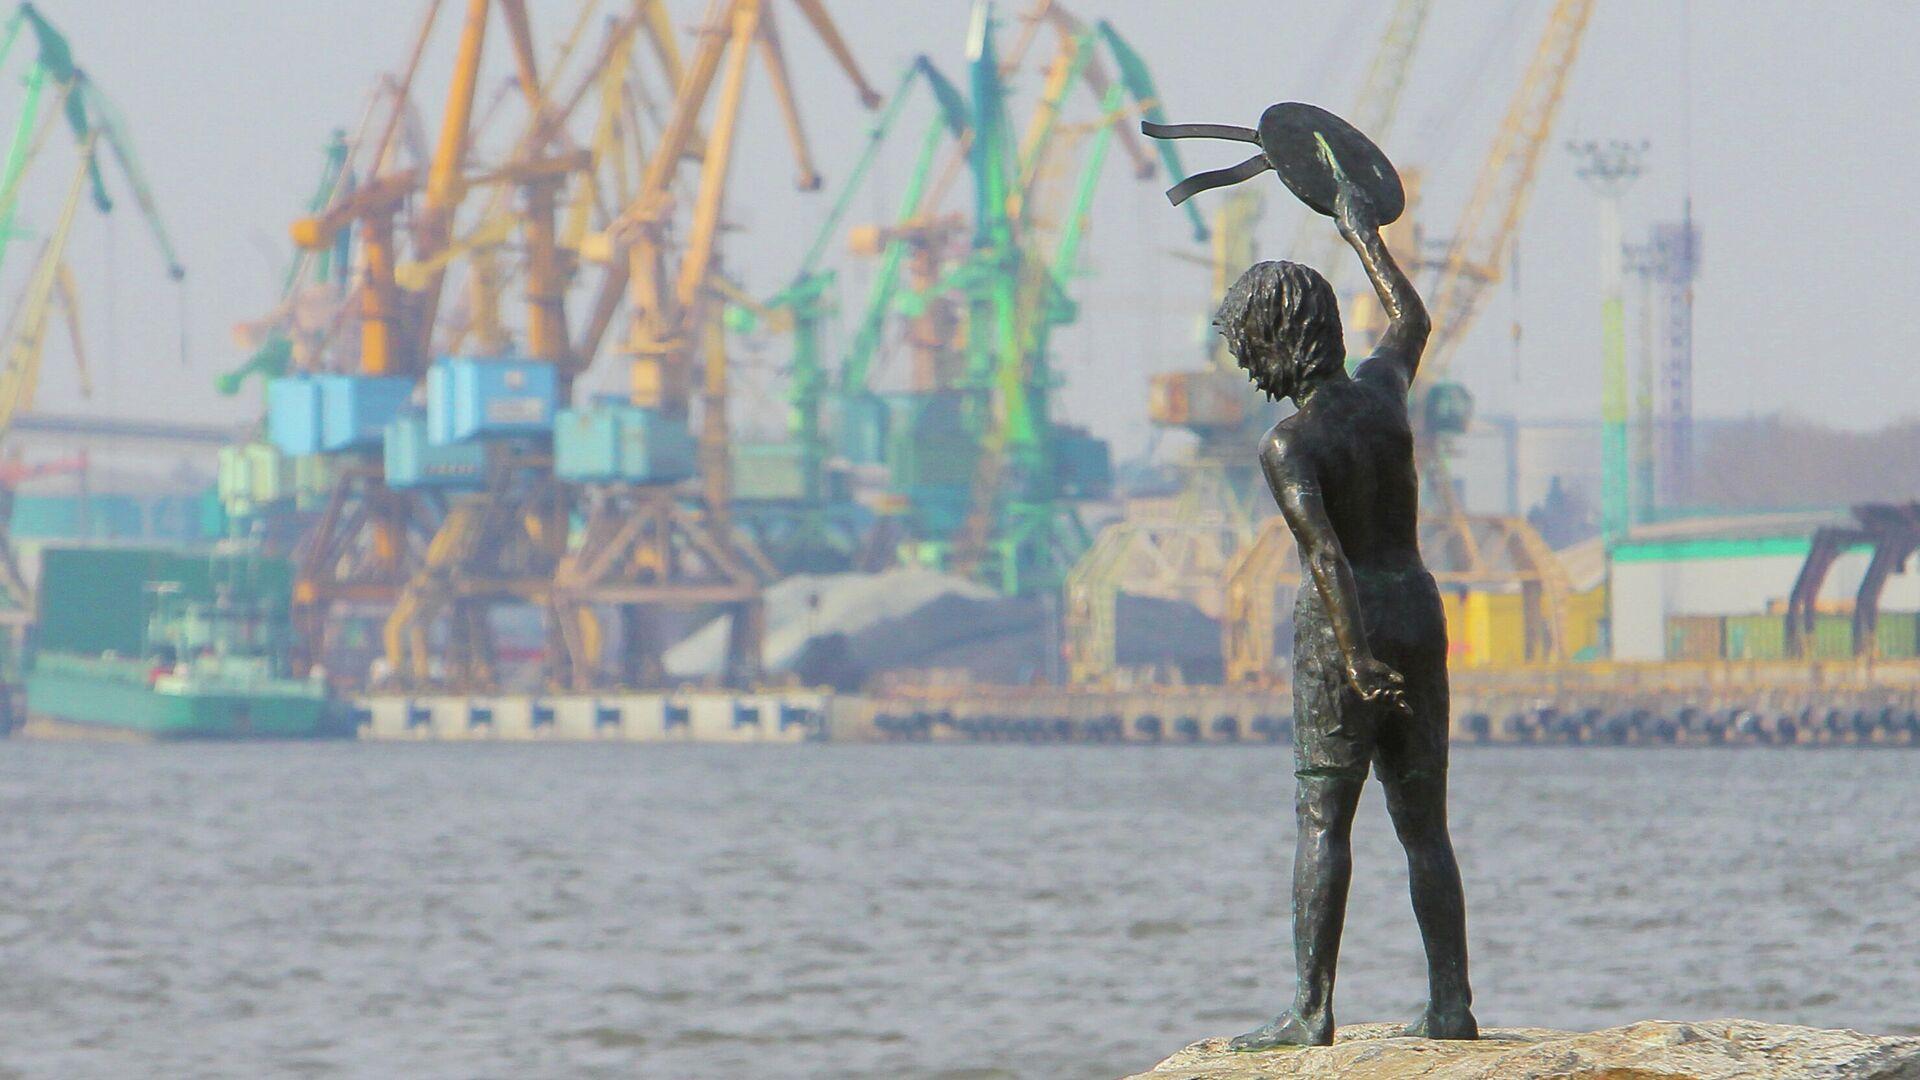 Памятник мальчику с бескозыркой и собакой, который провожает корабли в морском грузовом порту Клайпеды - РИА Новости, 1920, 25.09.2020